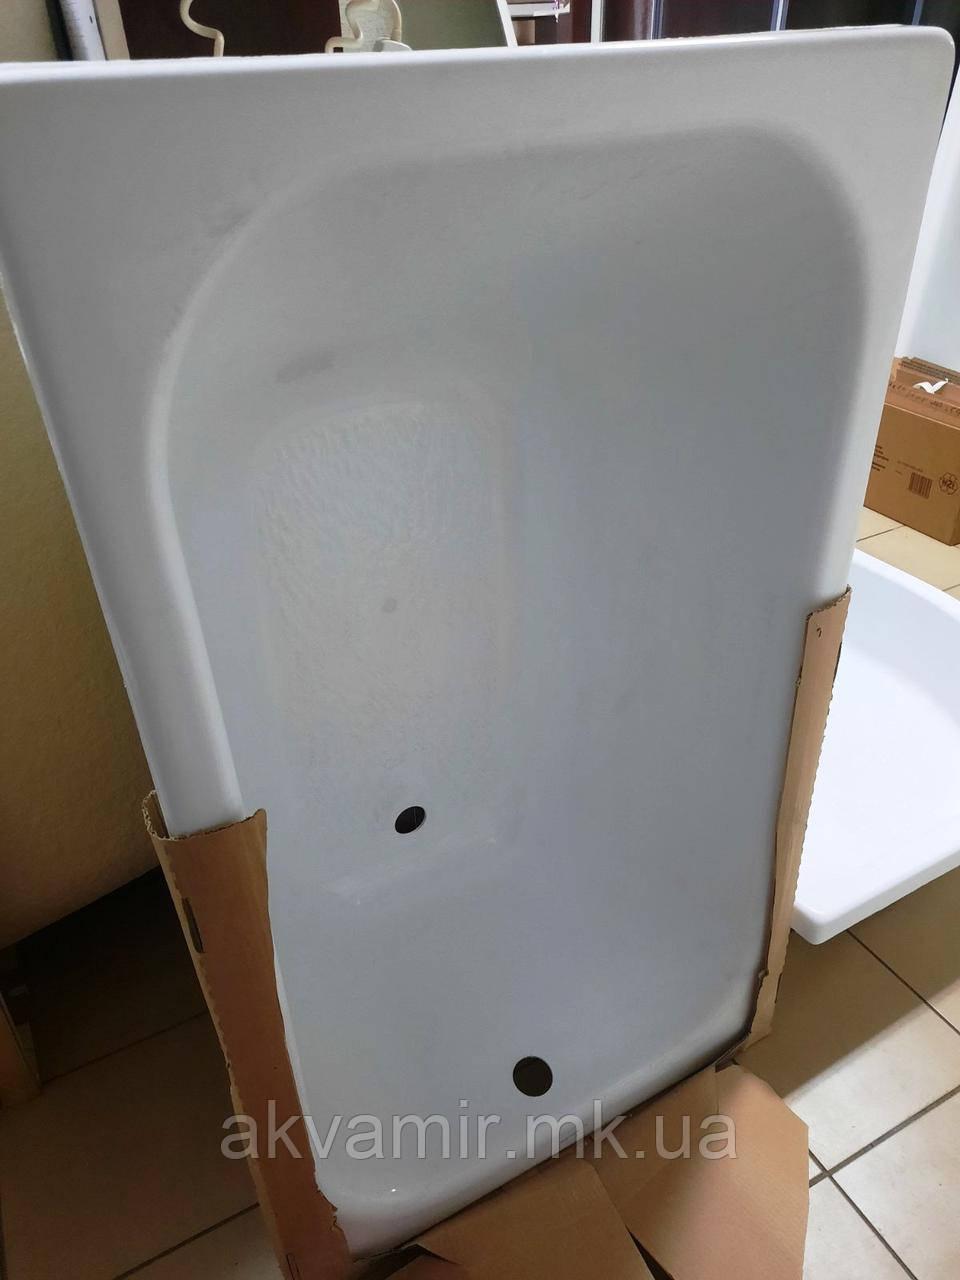 Ванна Тритон Стандарт 120х70см акрилова з ніжками